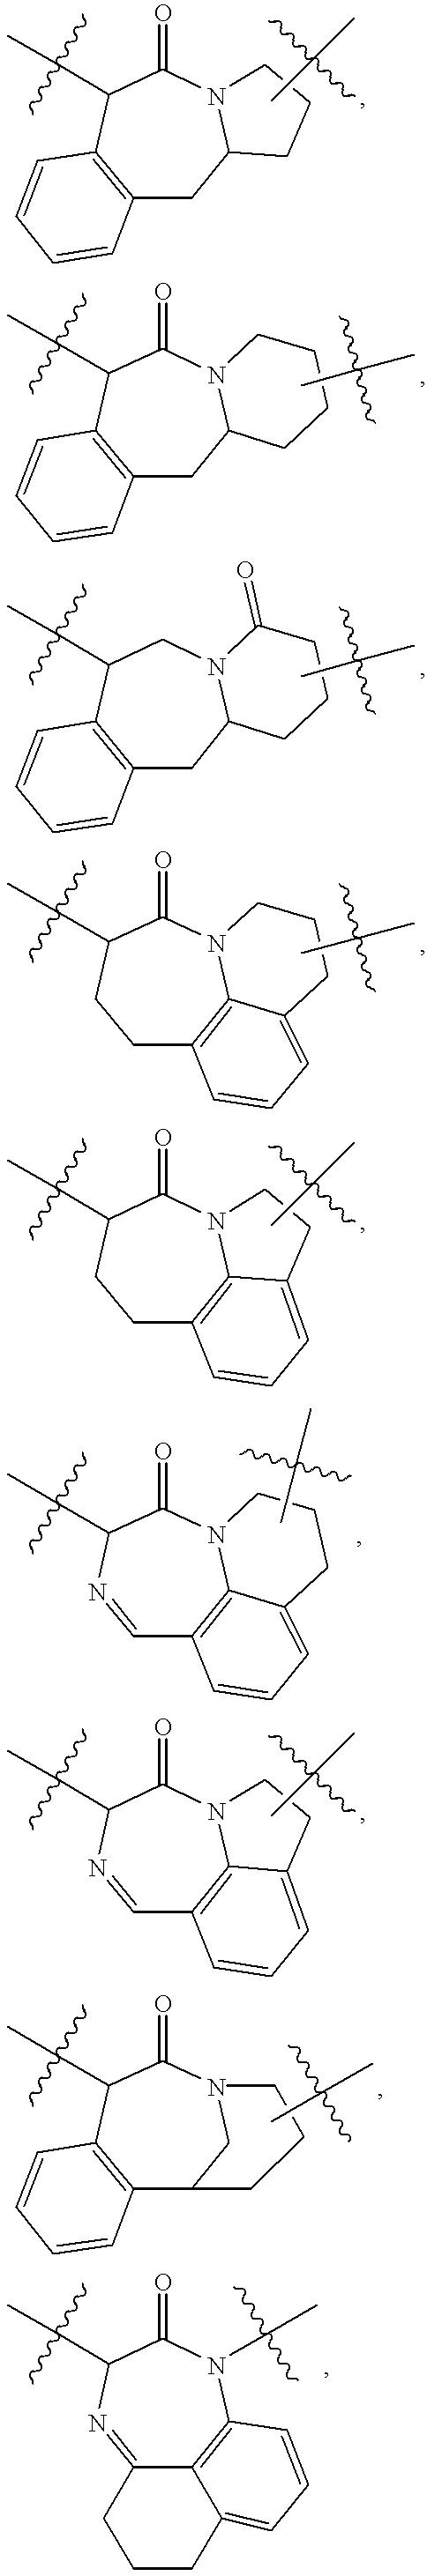 Figure US20020055501A1-20020509-C00016